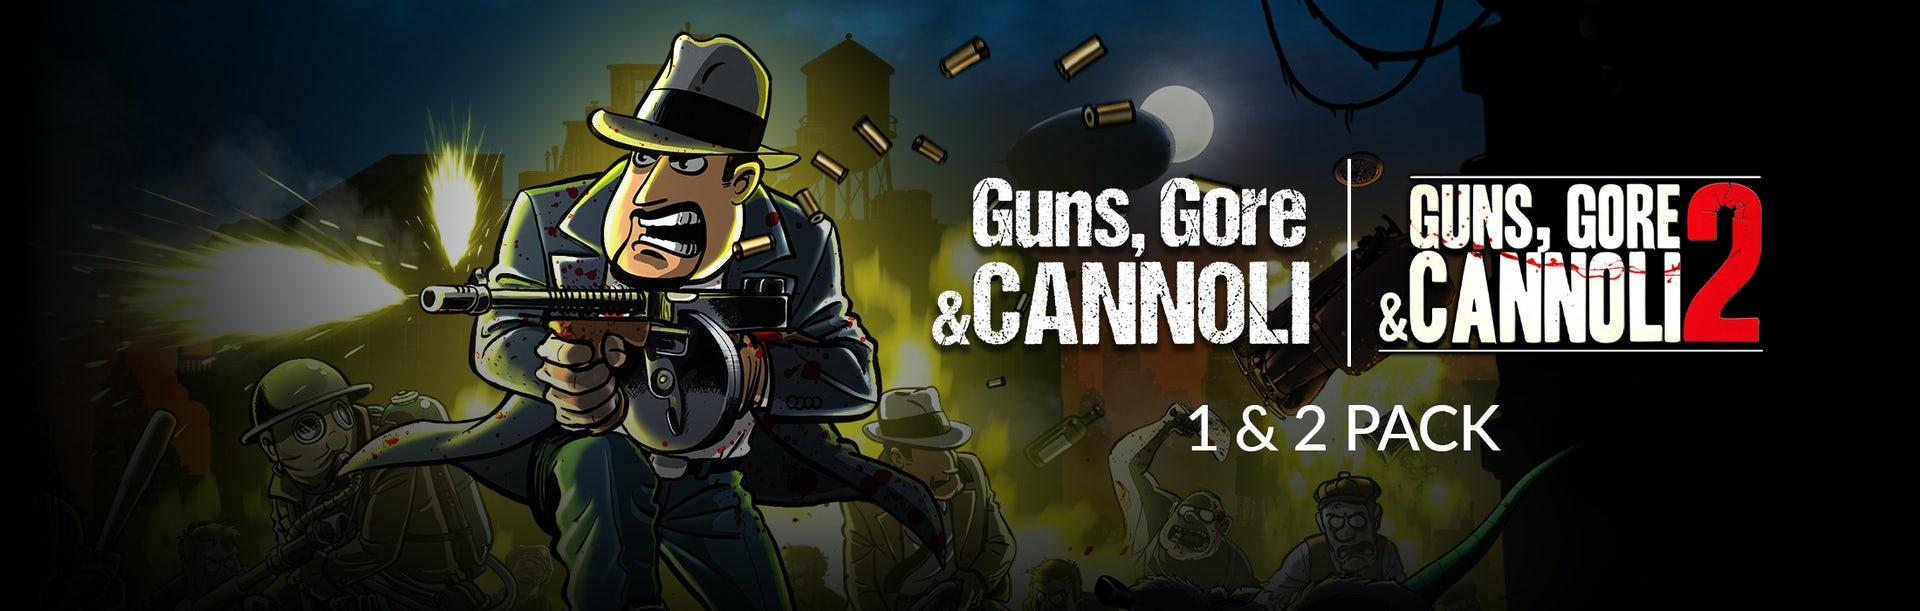 Guns, Gore & Cannoli 1 + 2 Pack -87% 22,98 € 2,99 €